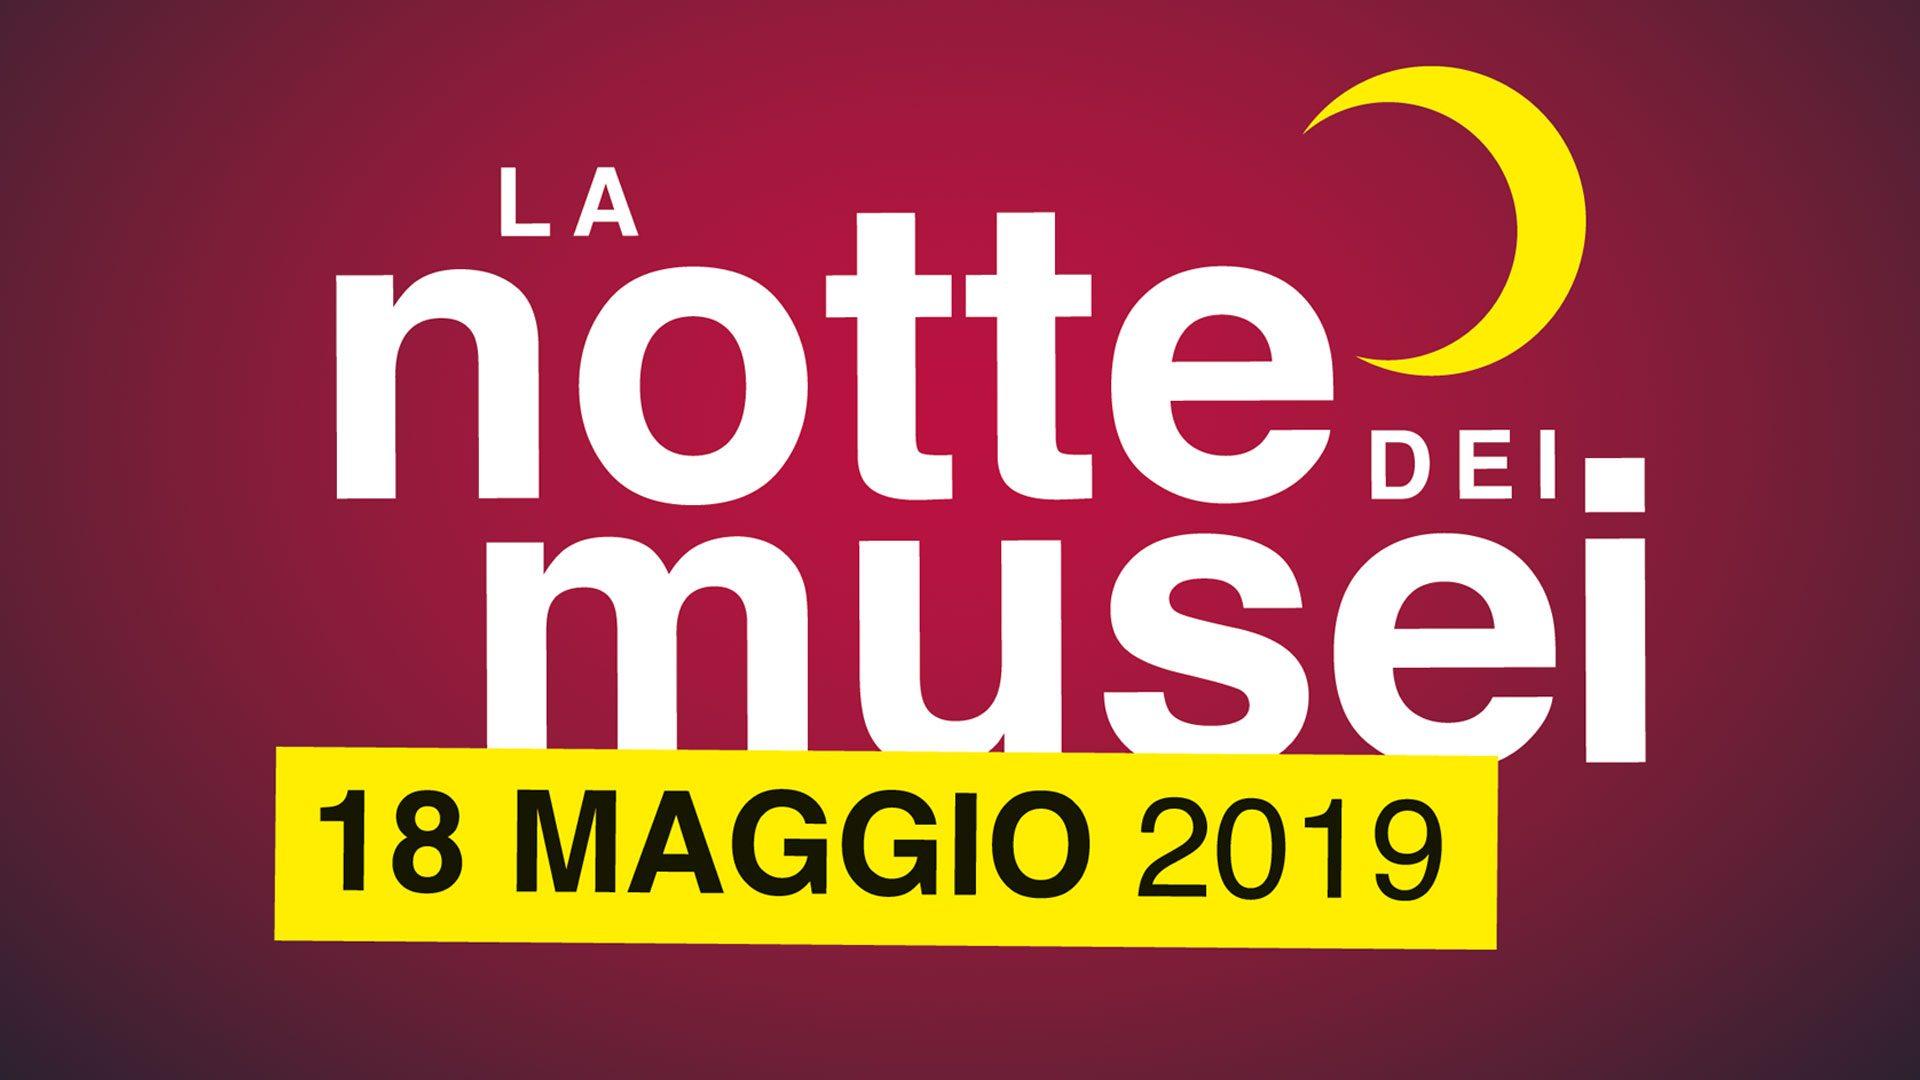 Ritorna la Notte Europea dei Musei, i nostri consigli